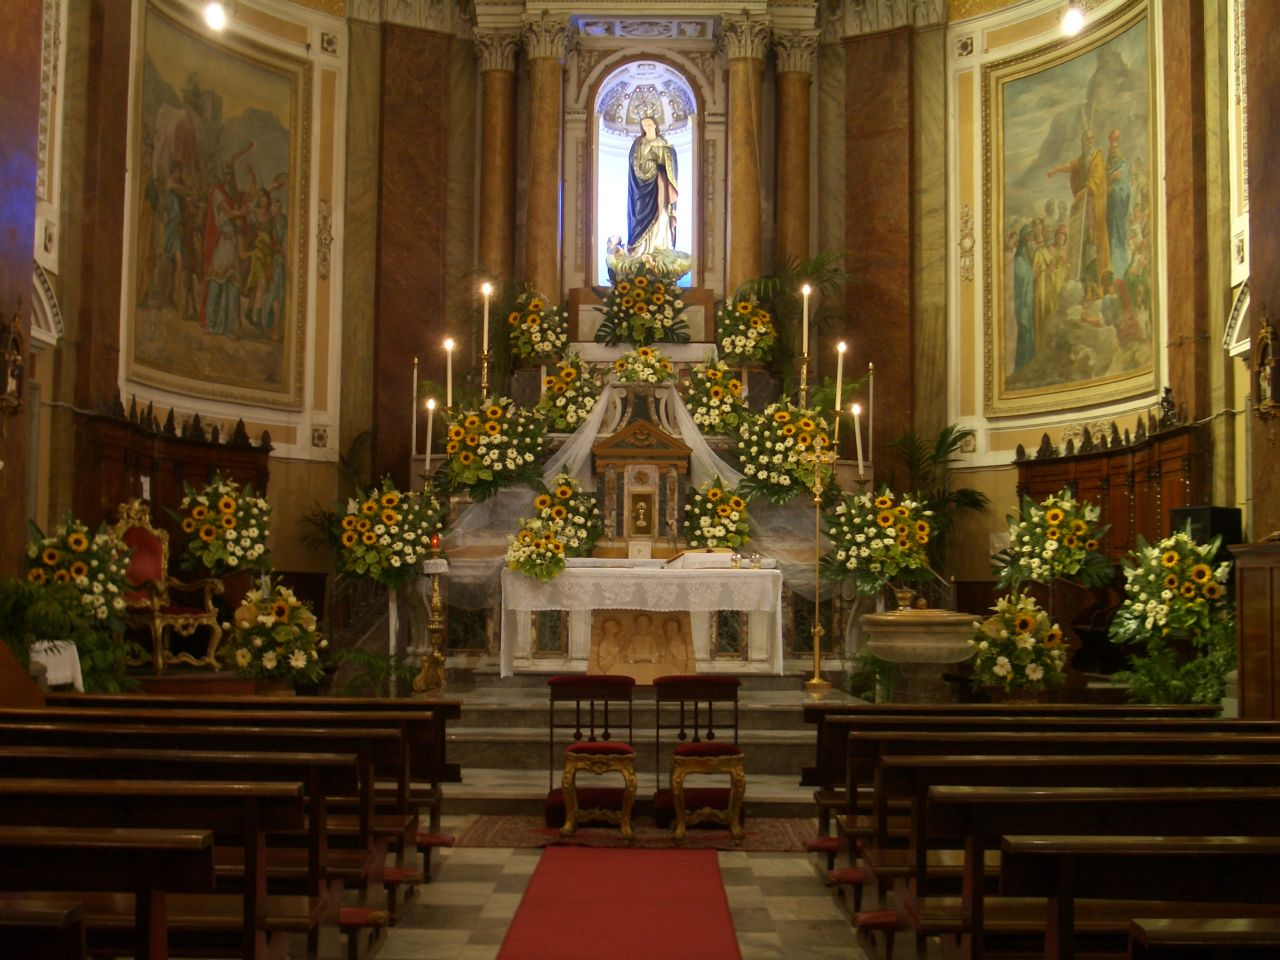 Girasoli Matrimonio Chiesa : Addobbi chiesa matrimonio con girasoli migliore